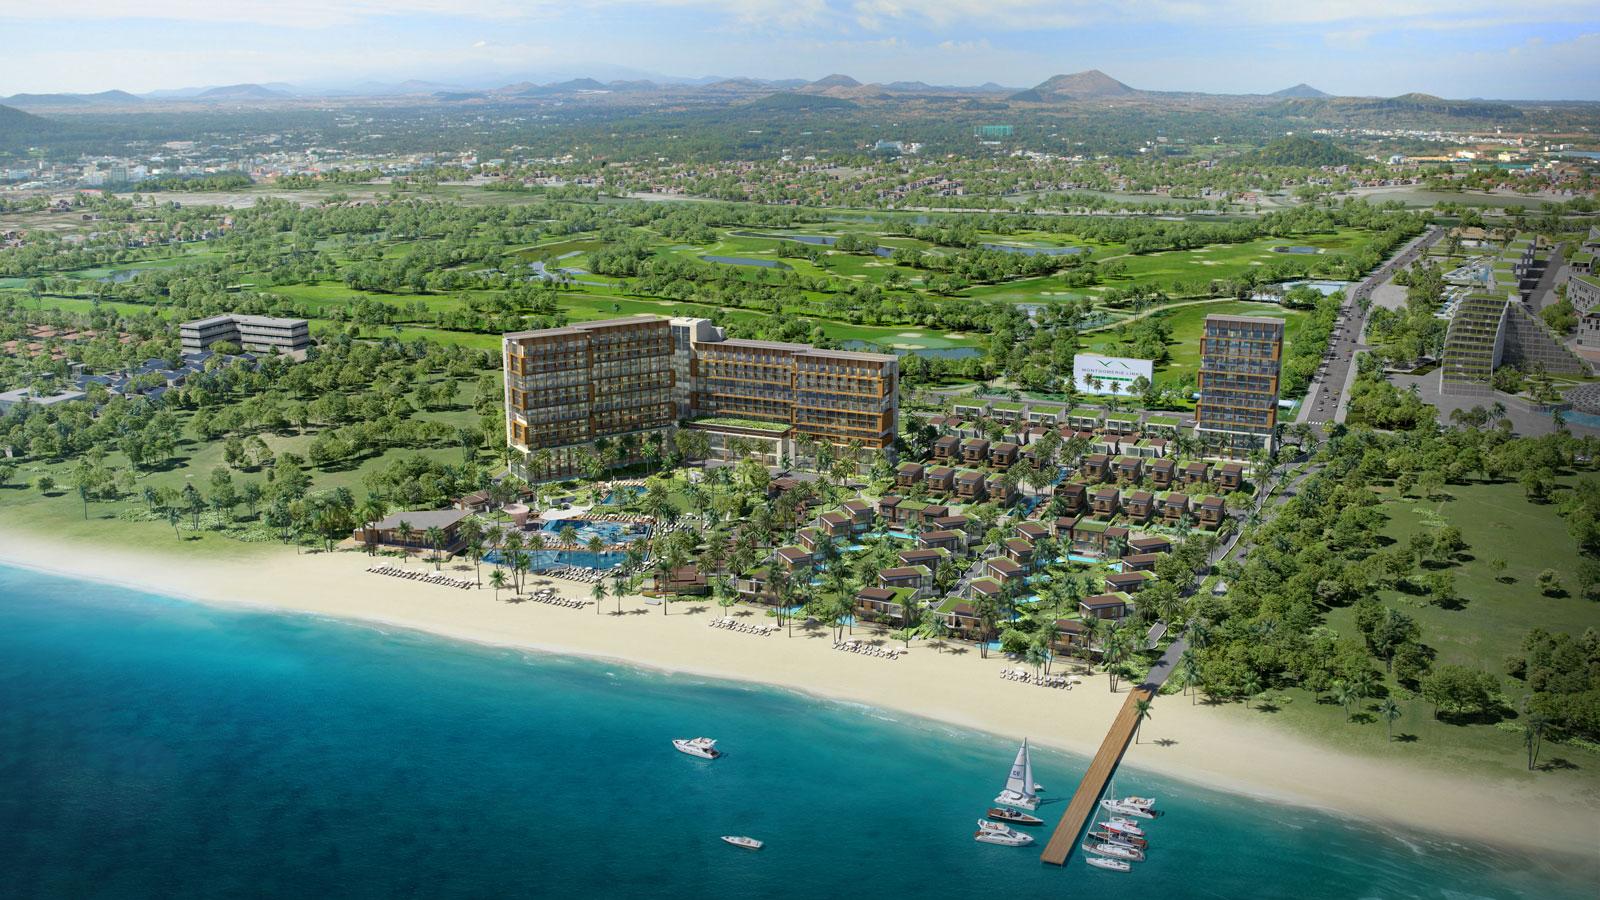 Le meridien Resort & SPa da nang perspective